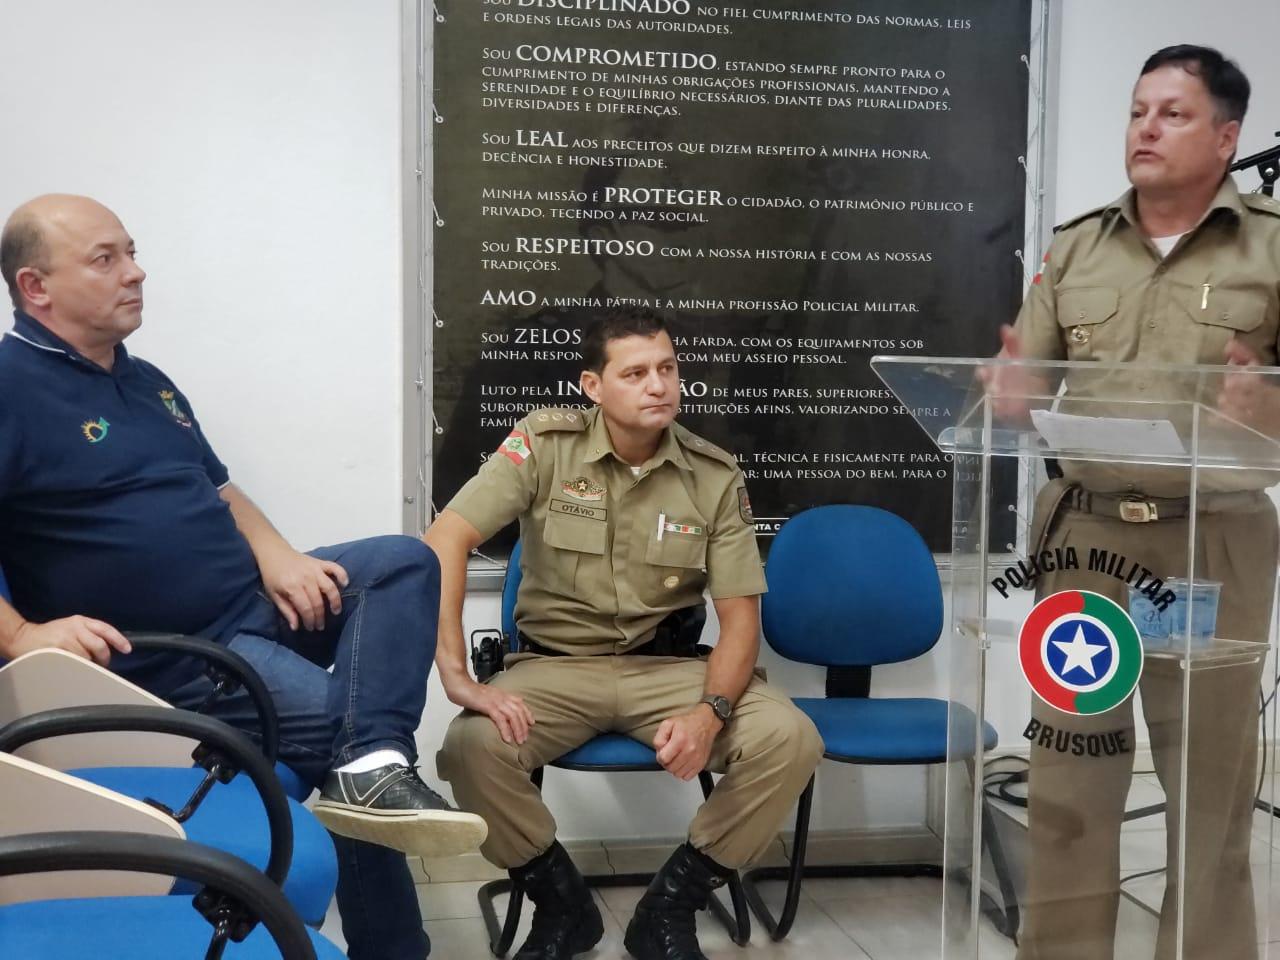 Convênio firmado com Prefeitura de Brusque possibilita aquisição de armas de grosso calibre para Polícia Militar